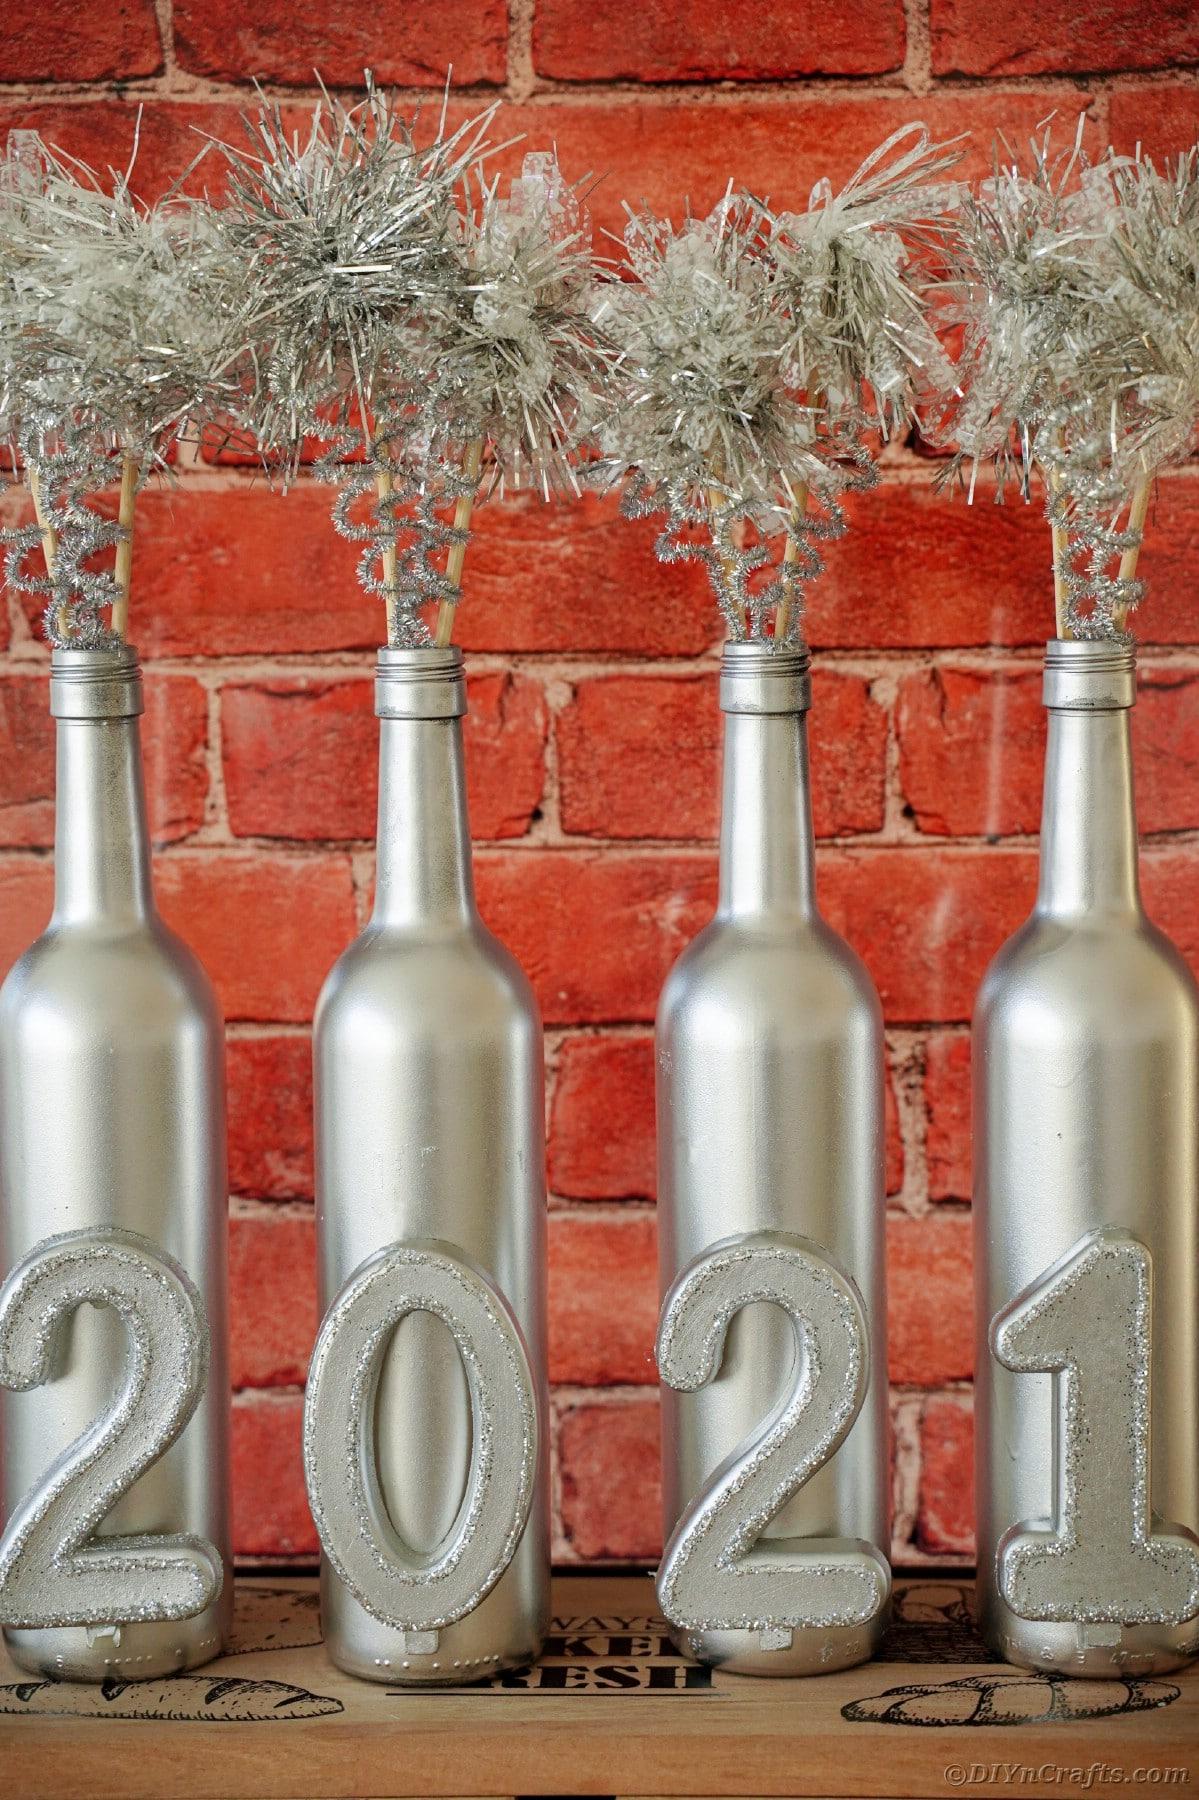 Bottiglie di vino in argento di mattoni rossi